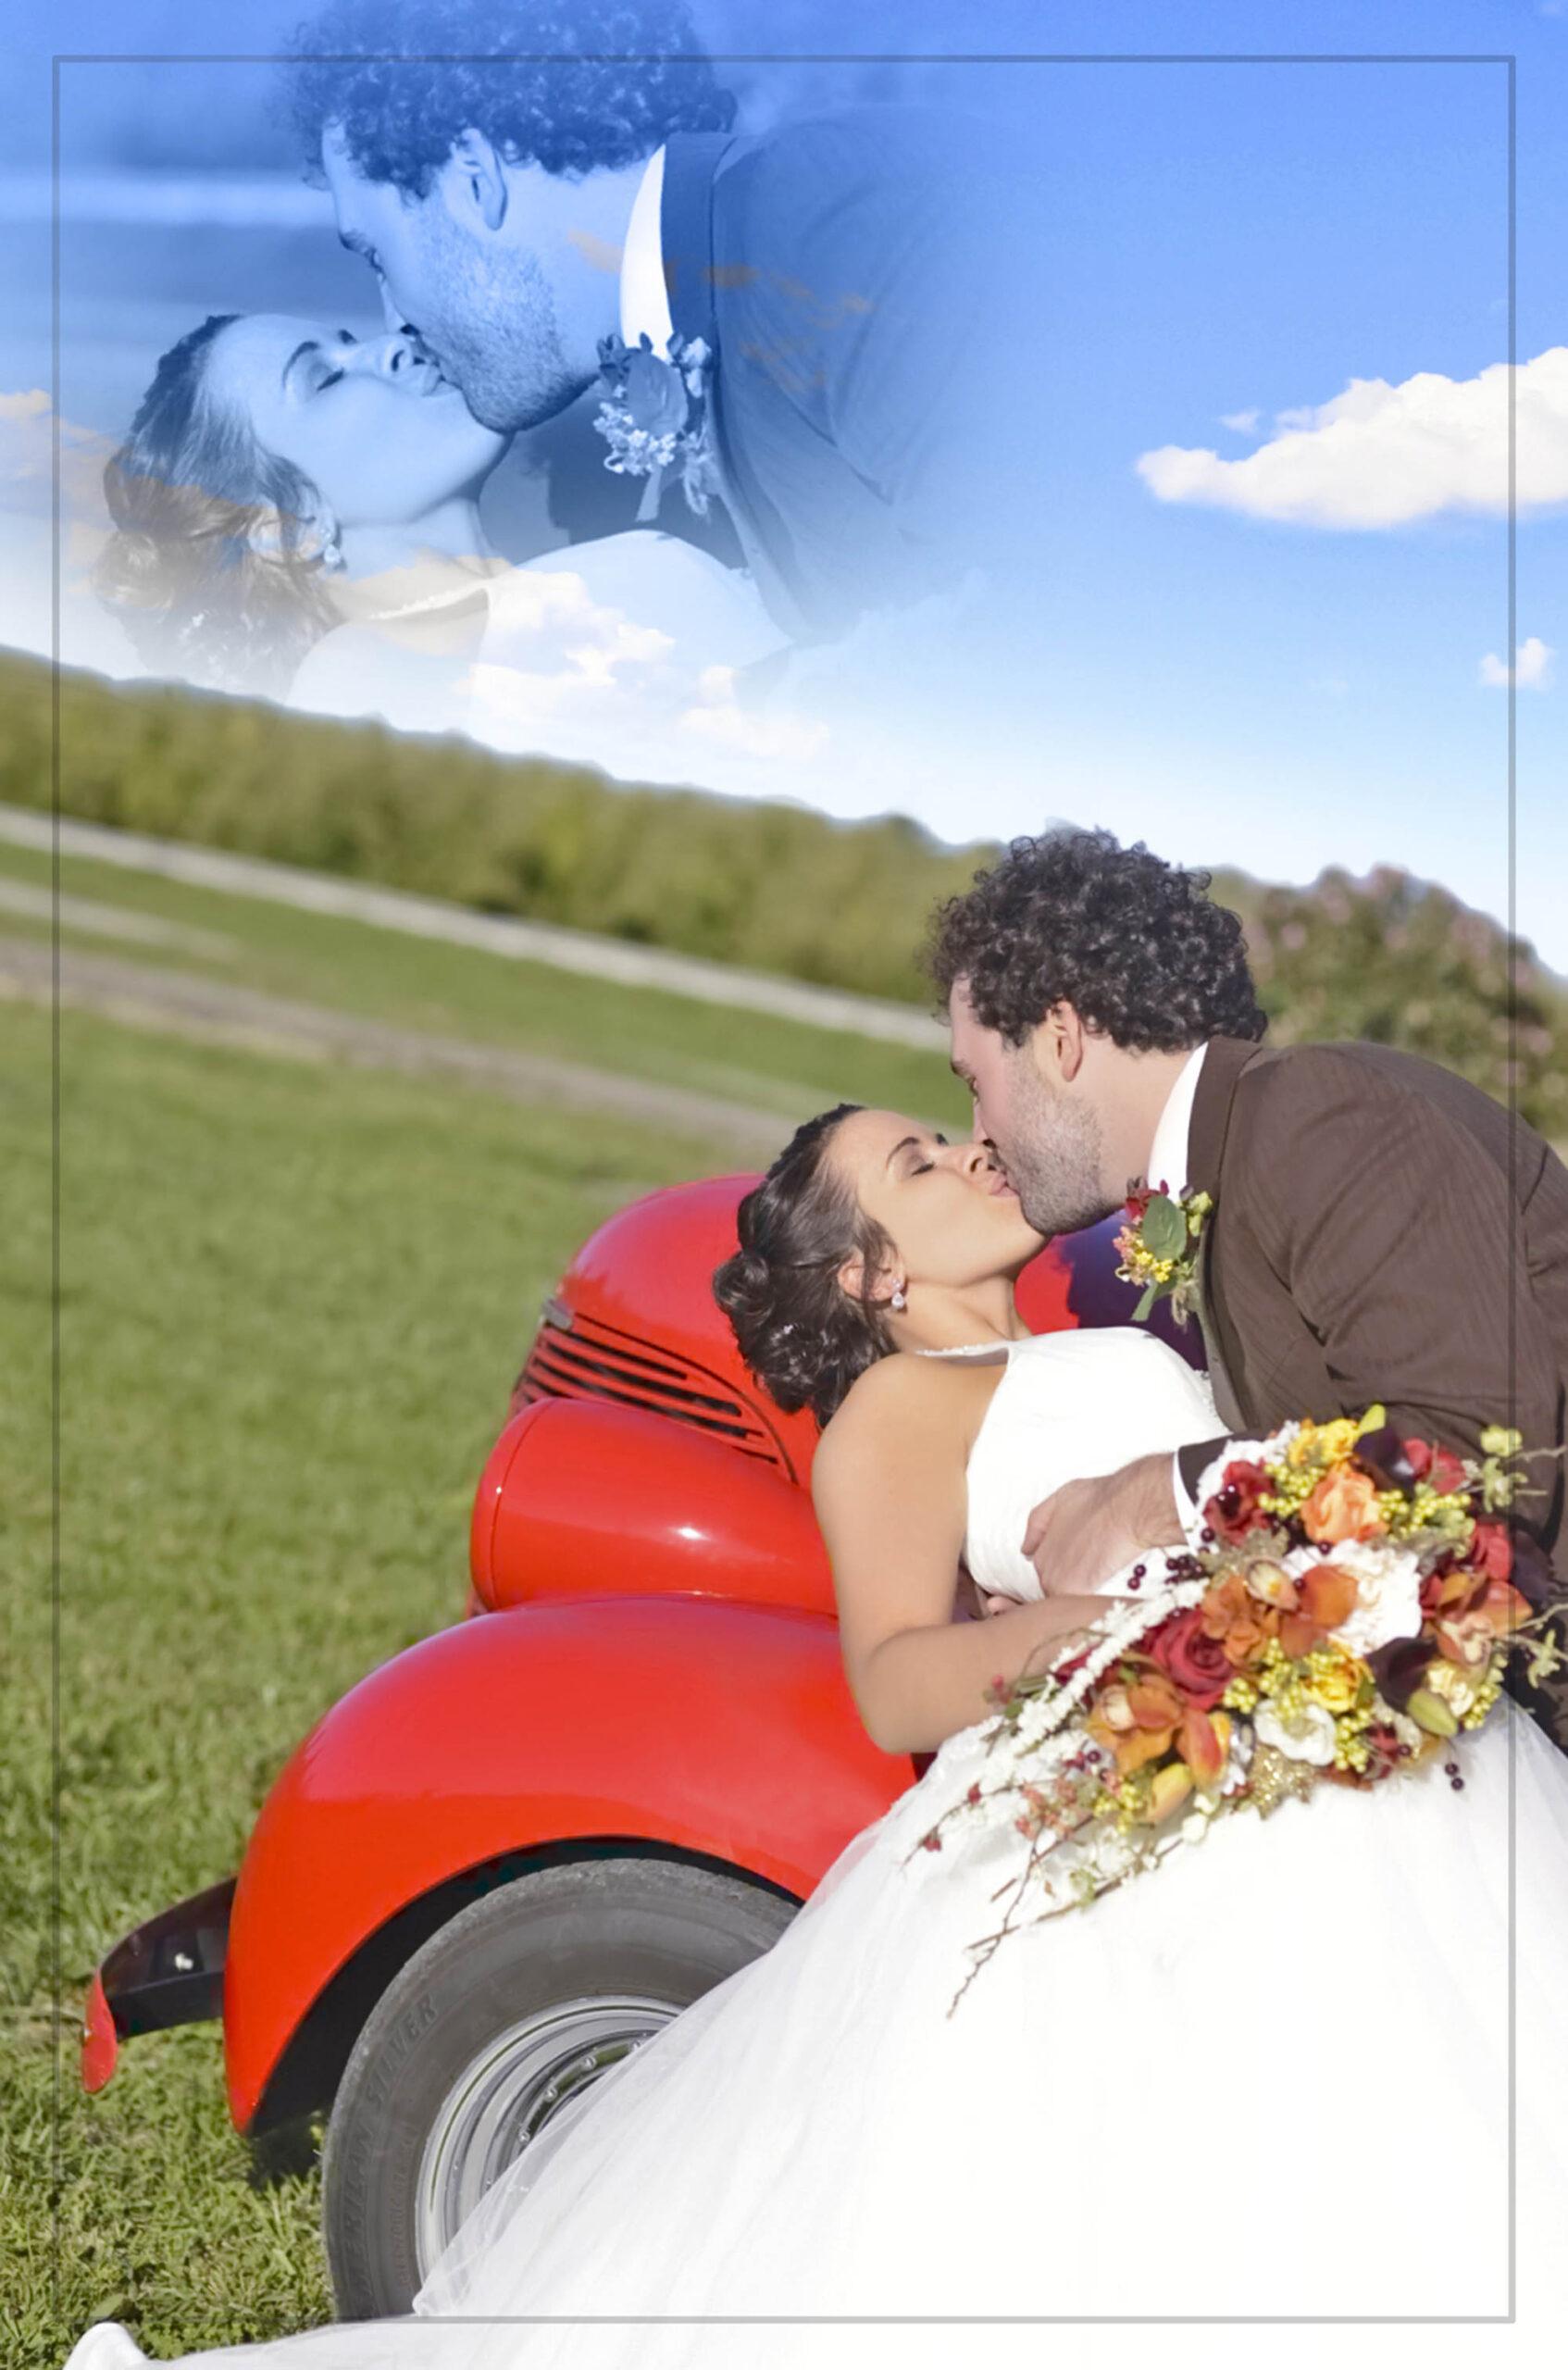 Wedding Portrait images